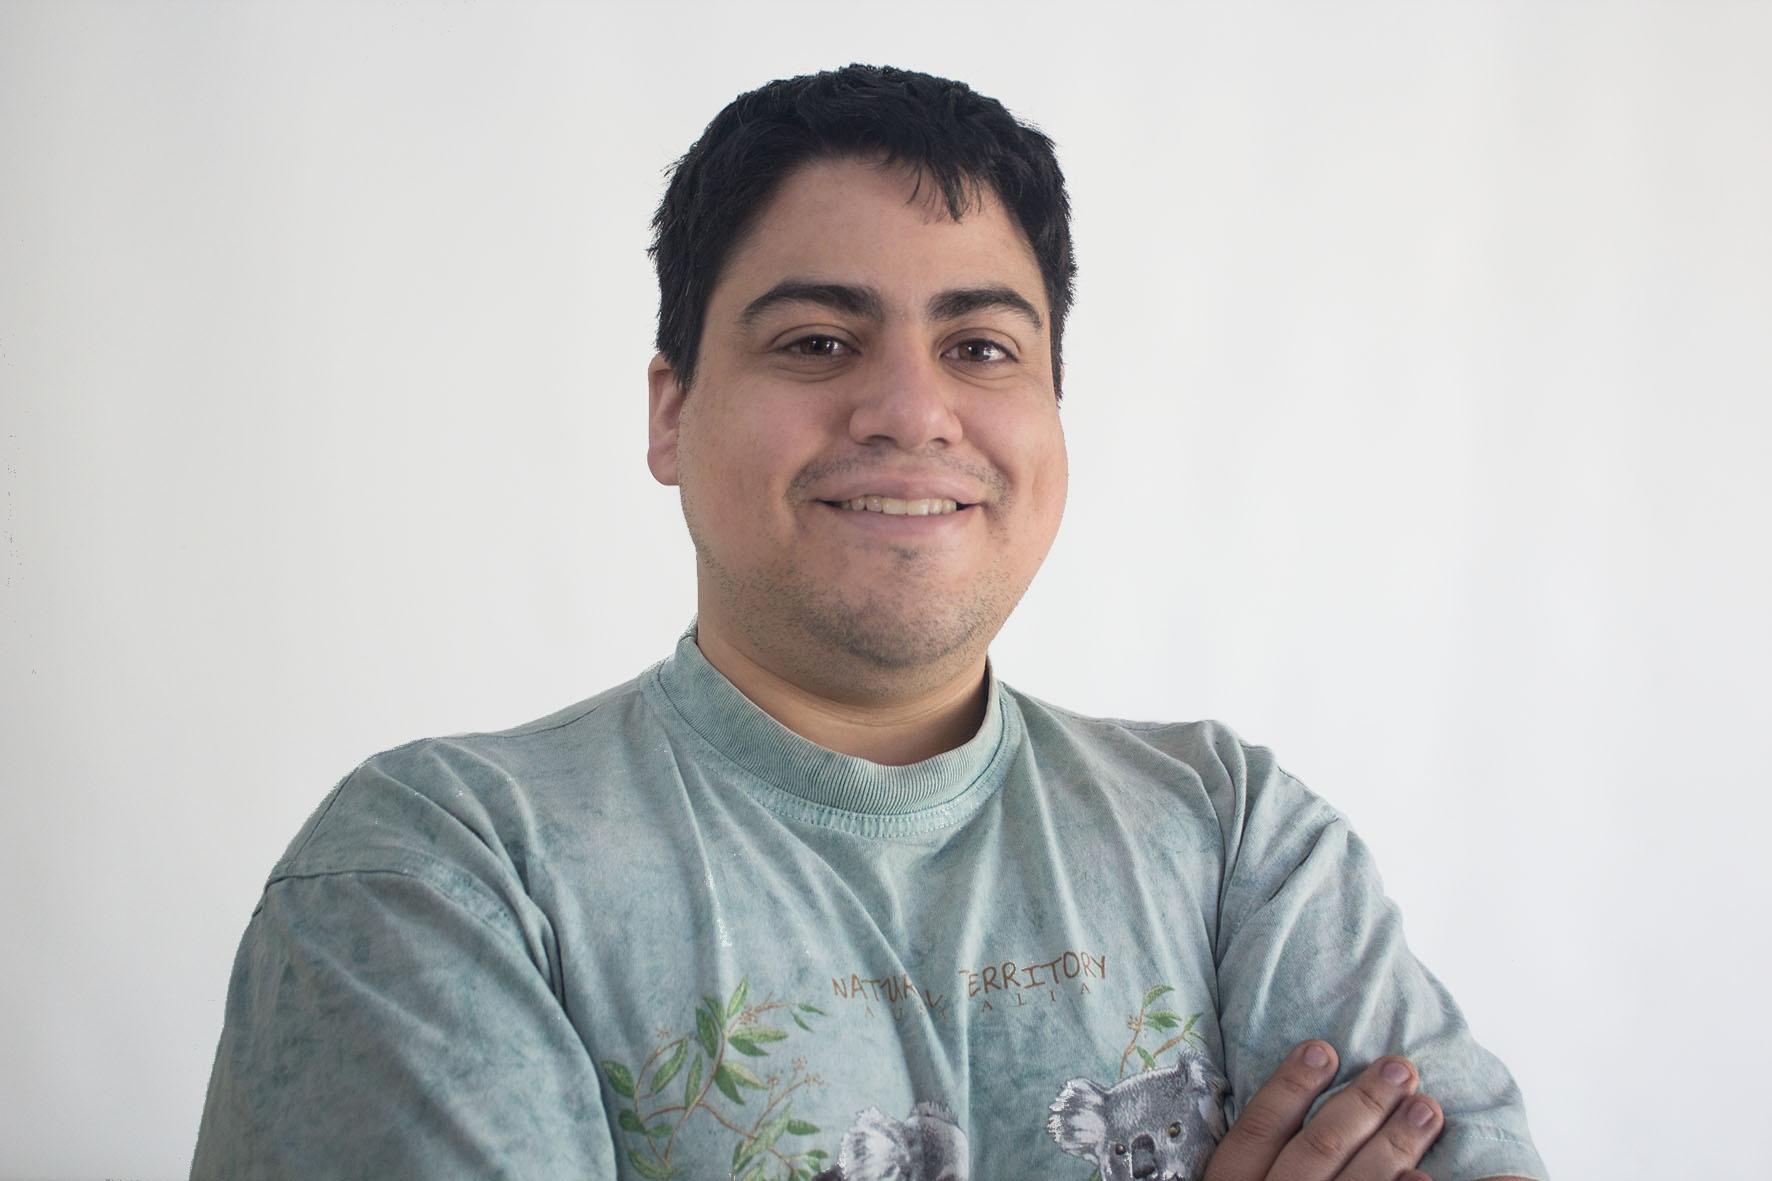 Fernando Riveroll